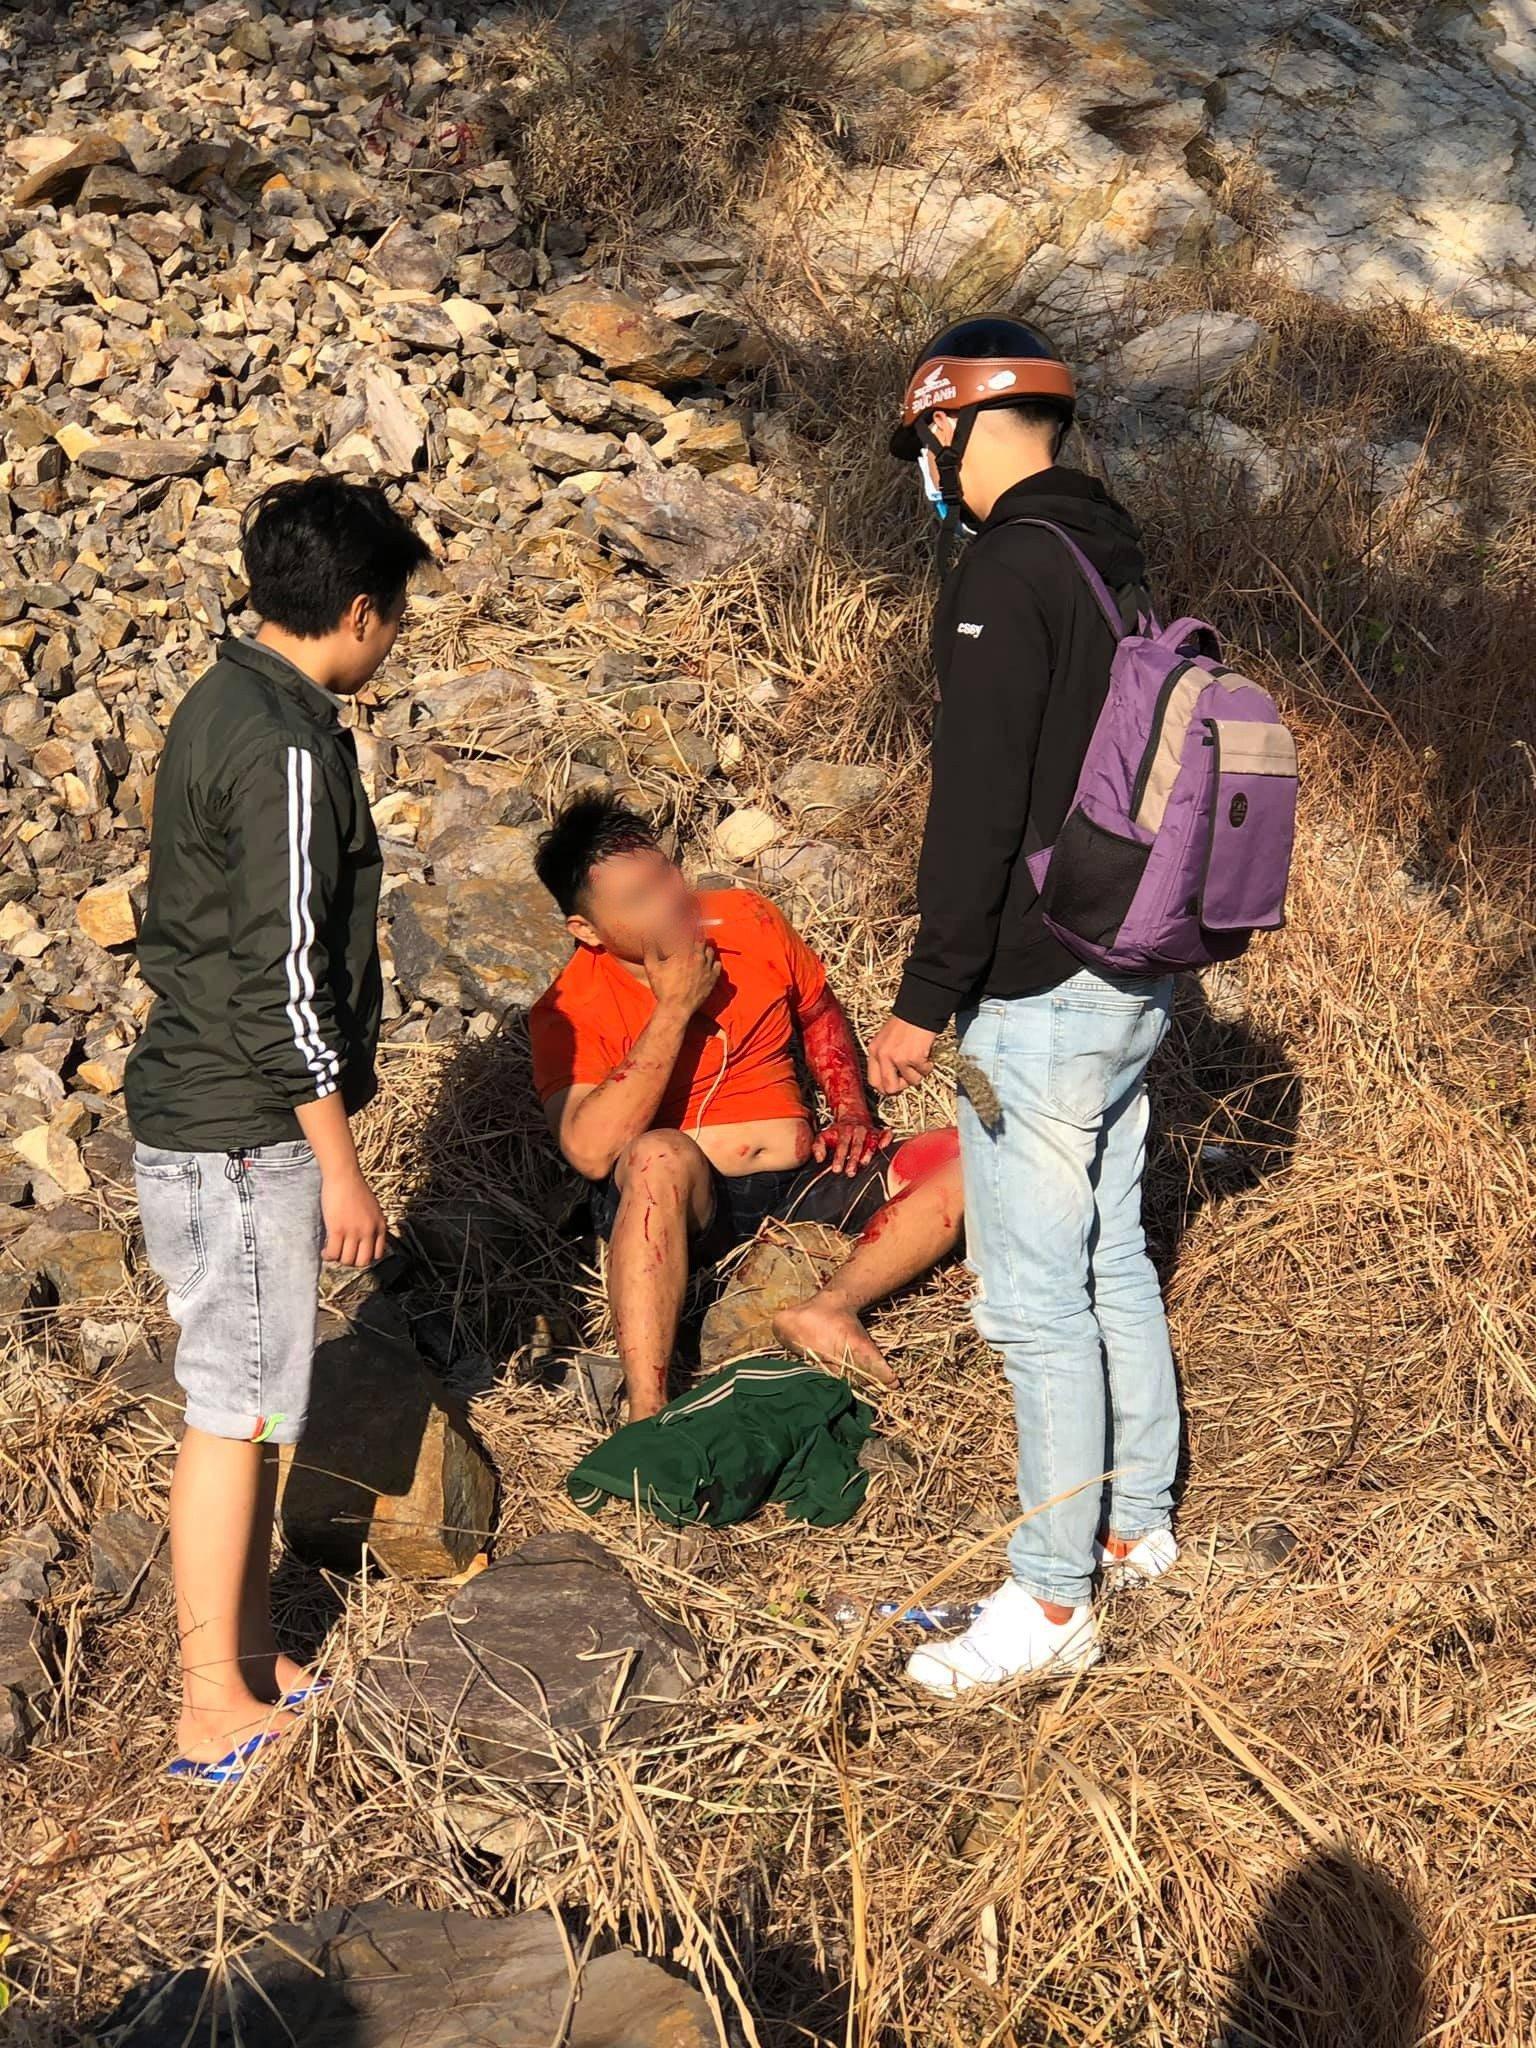 Thanh niên tay không leo núi thoát chết hi hữu khi ngã từ độ cao gần 30m 2